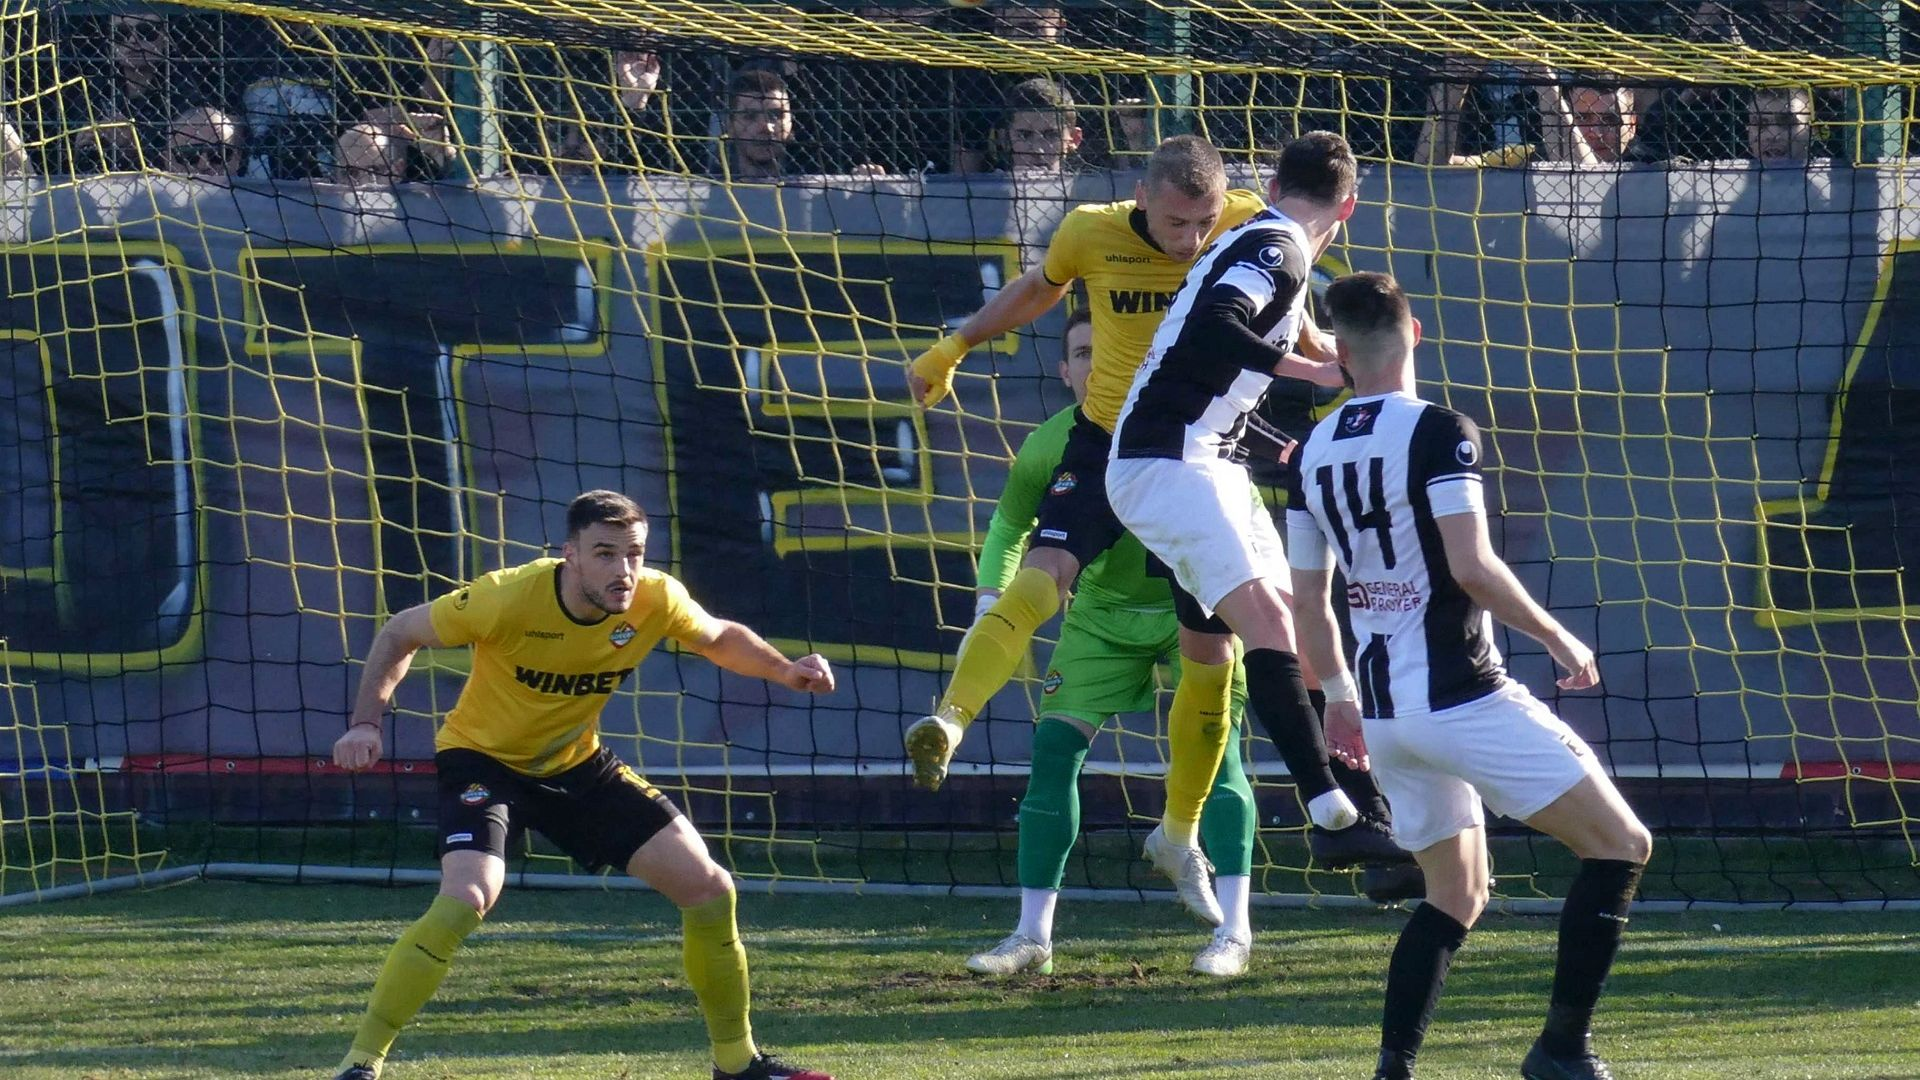 Ботев и Локомотив разочароваха с нулево градско дерби